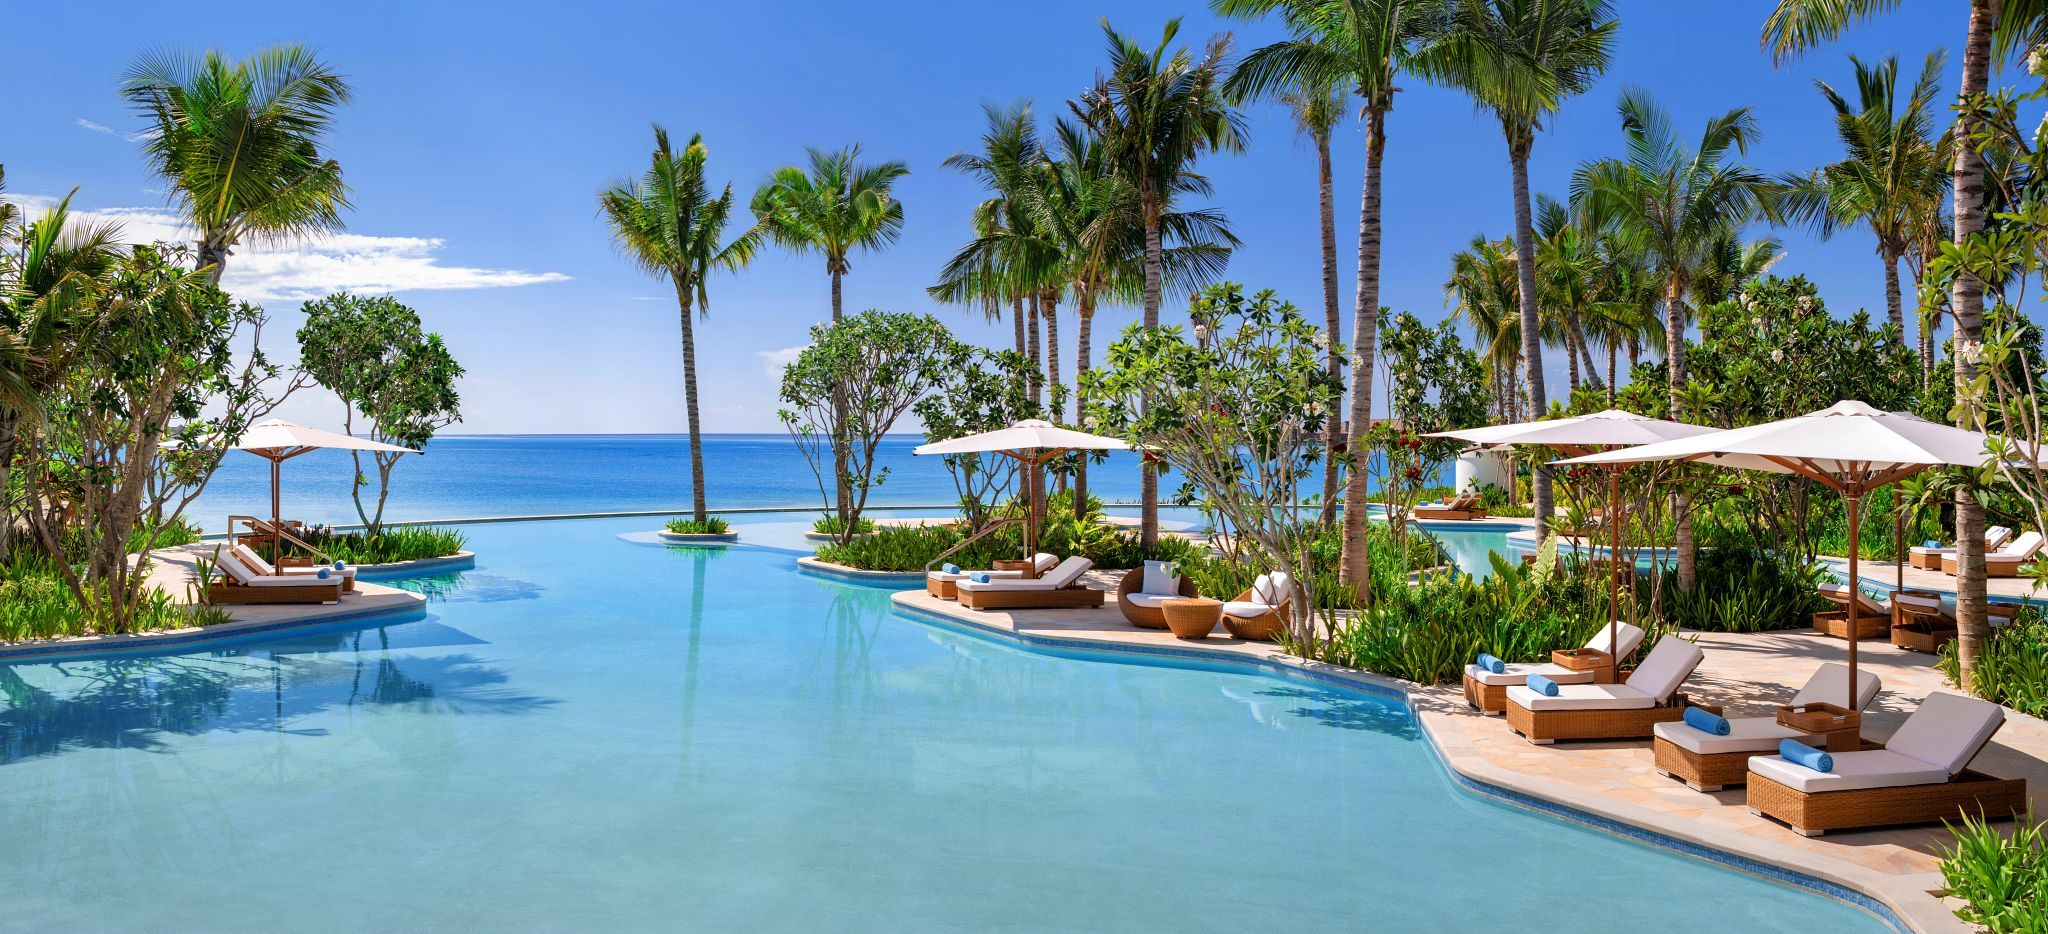 Der Lagoon Pool des Waldorf Astoria Maldives, Palmenumsäumt mit Strandliegen und Sonnenschirmen